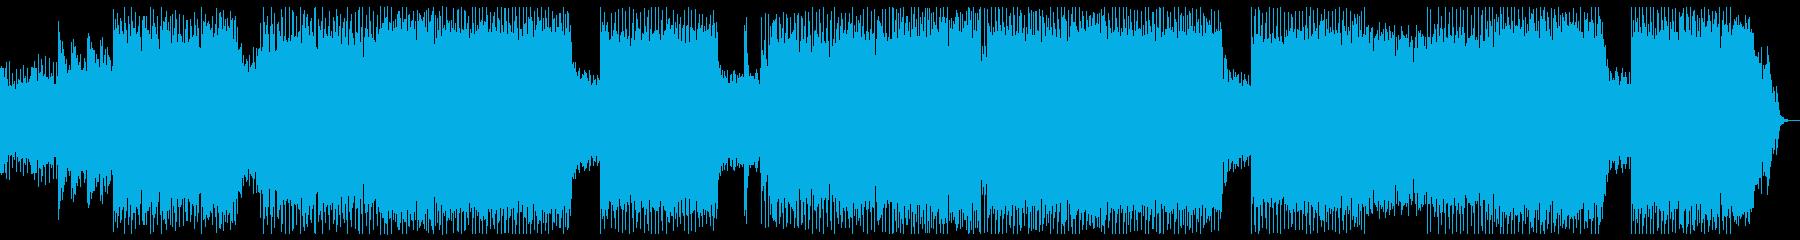 壮大なオーケストラのハロウィン曲の再生済みの波形